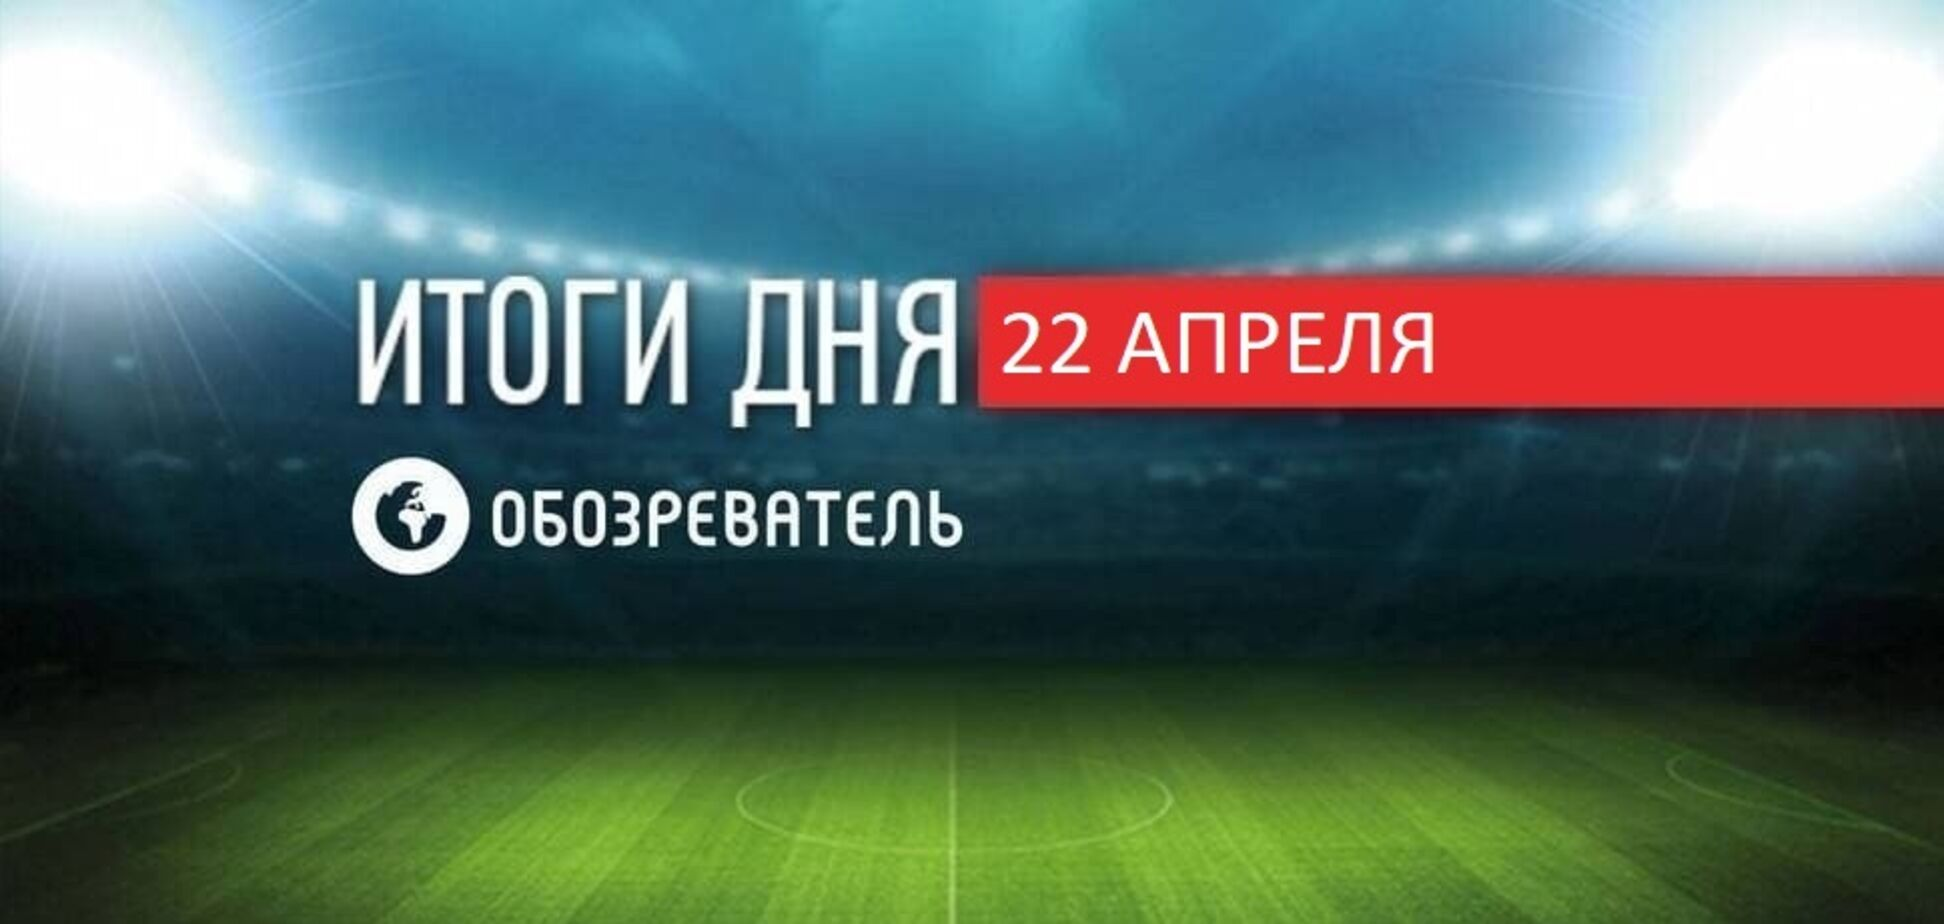 Новини спорту 22 квітня: матчі Євро-2020 перенесено в Росію, Малиновський забив гол в чемпіонаті Італії